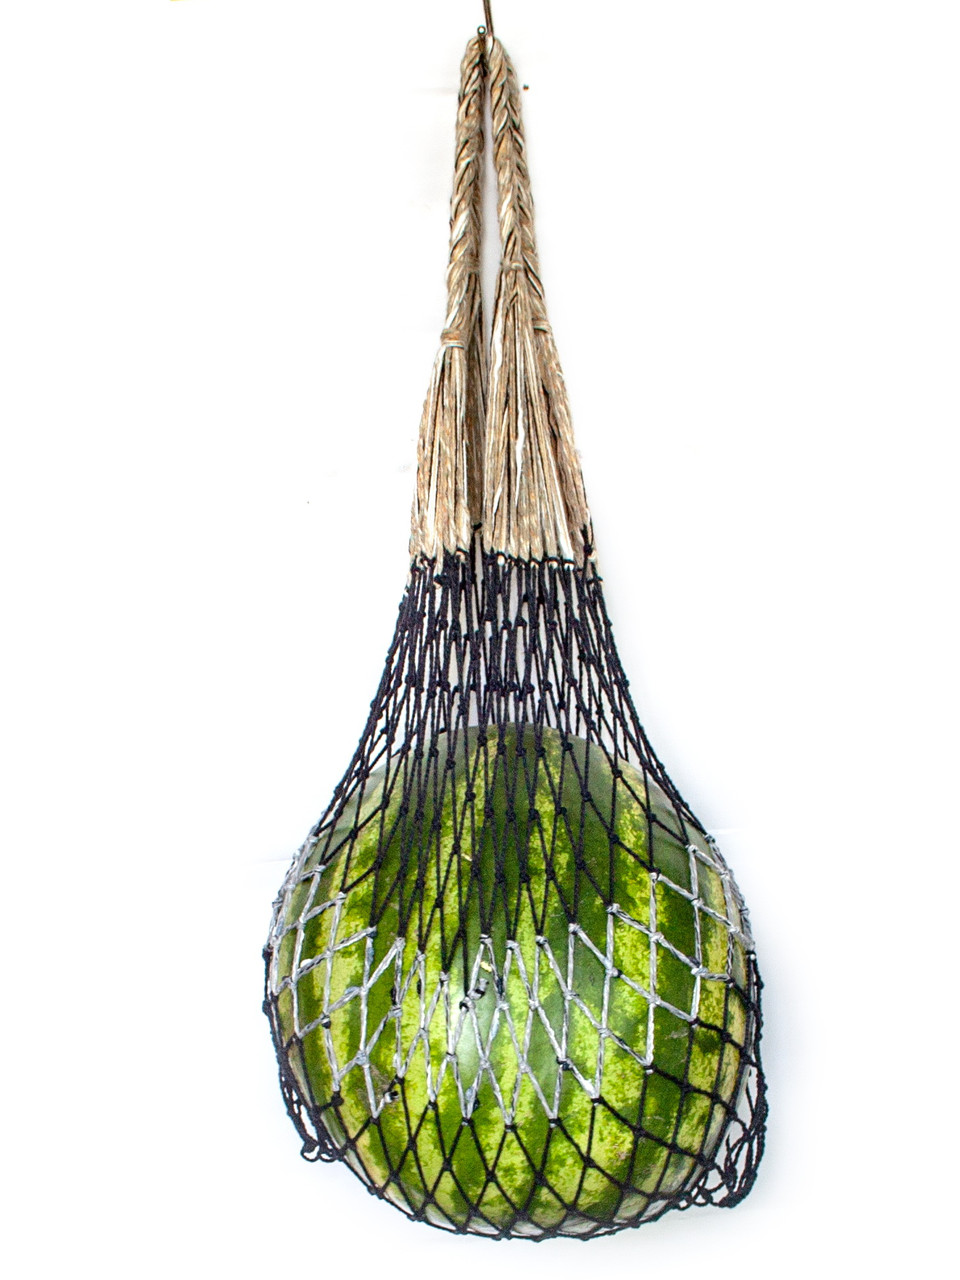 Шоппер сумка - Сумка для Арбуза - Эко сумка  - Эксклюзивная Французская сумка - Овощная сумка